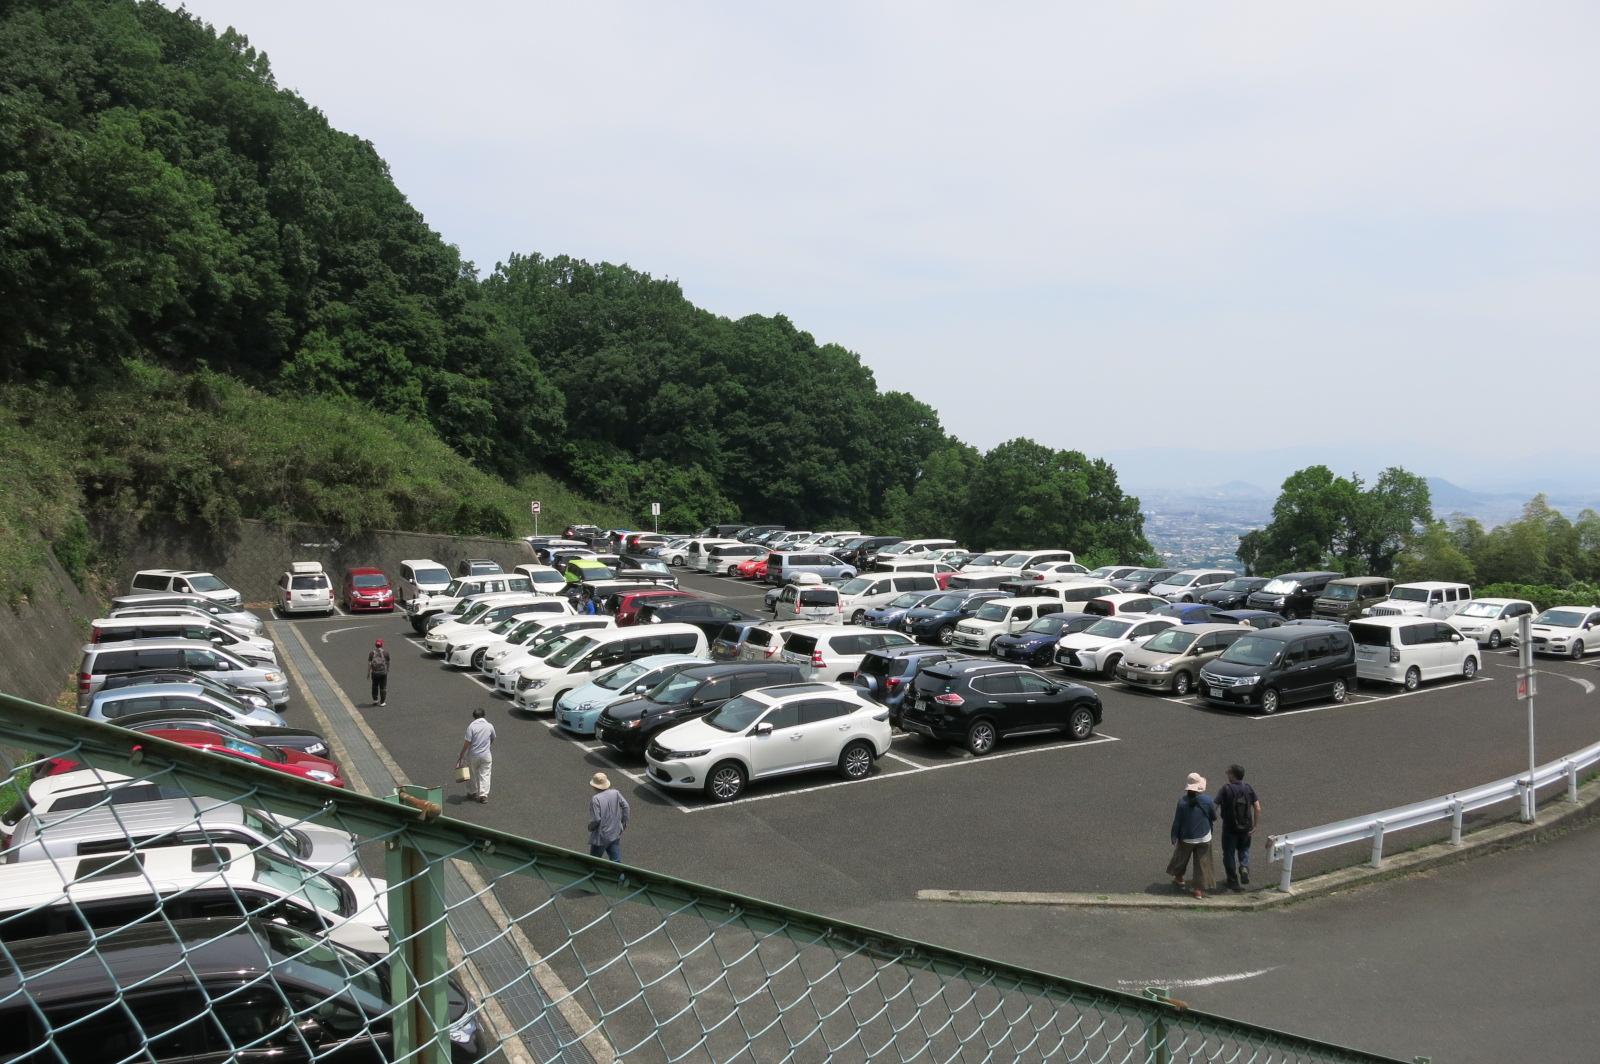 周辺の駐車場も待ちの状態。ピーク時は、駐車場も1時間待ちになります。(驚)